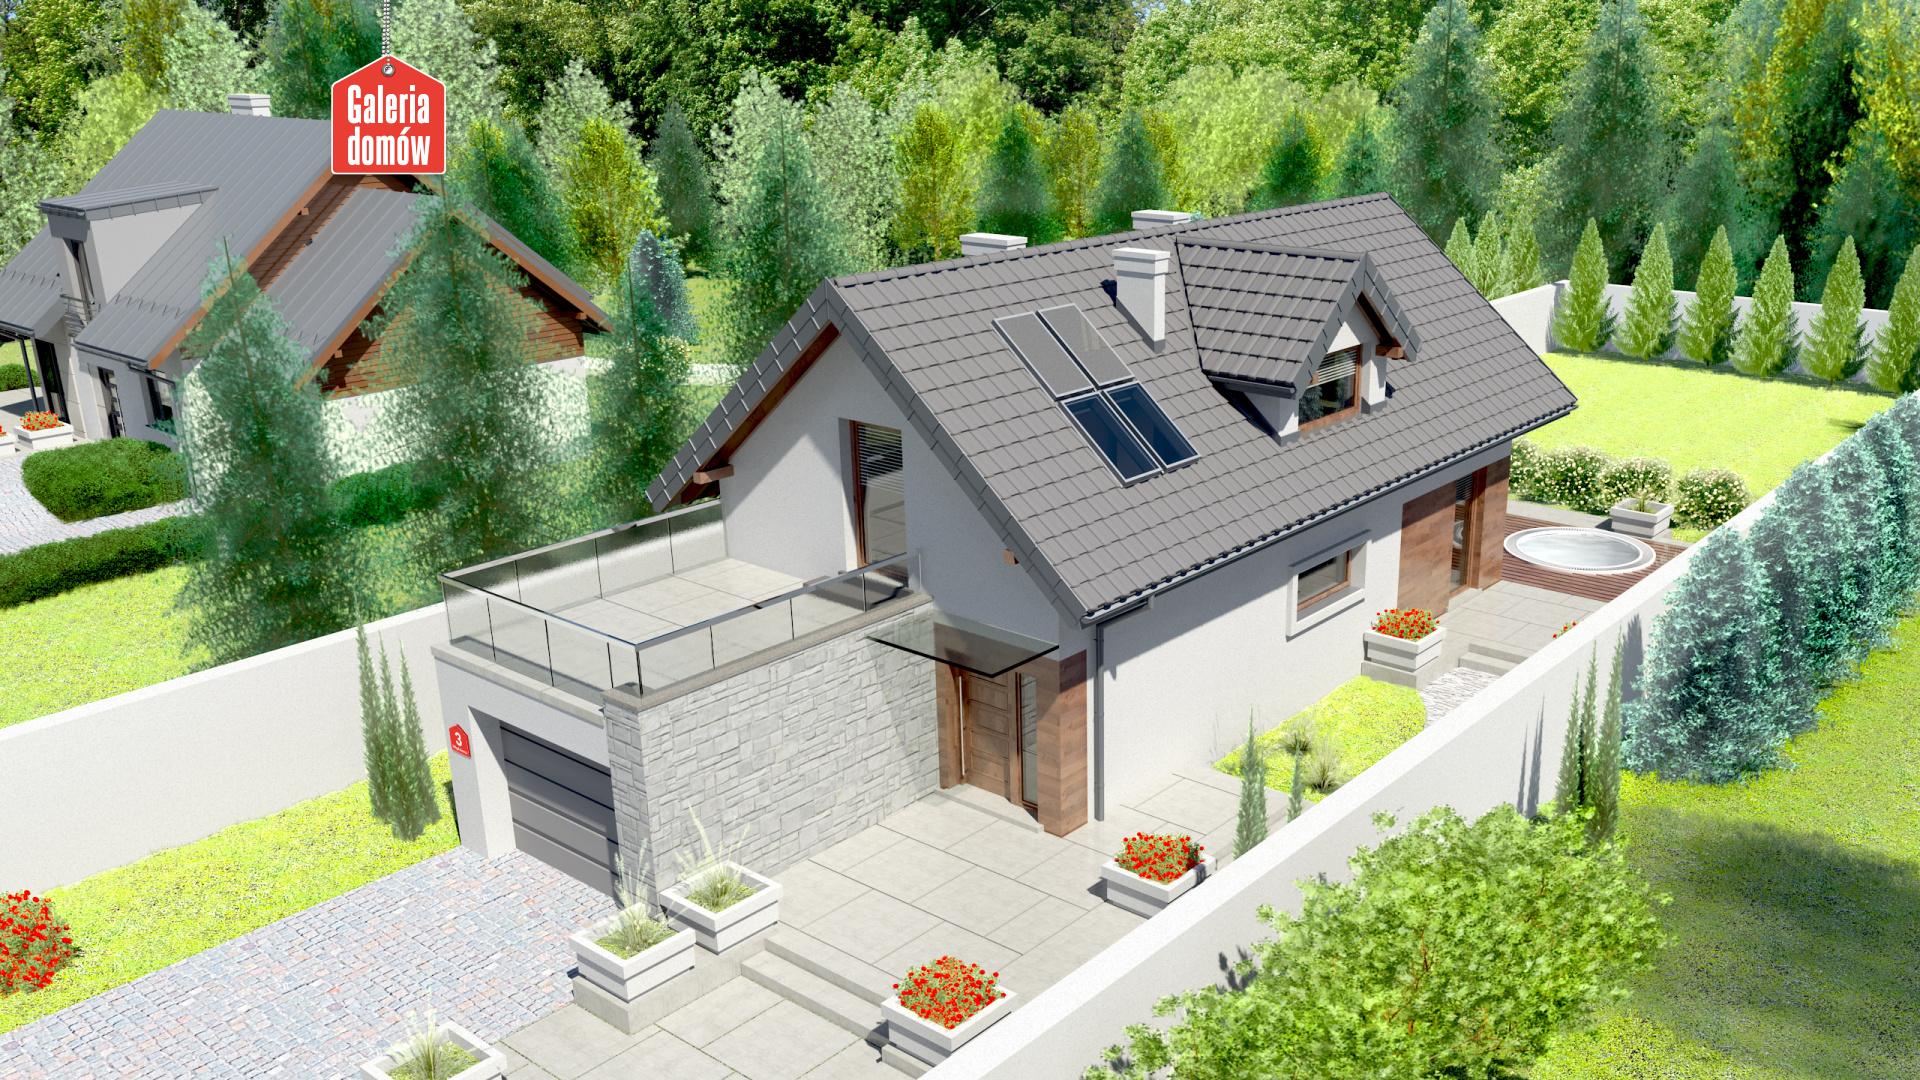 Dom przy Migdałowej 3 - zdjęcie projektu i wizualizacja